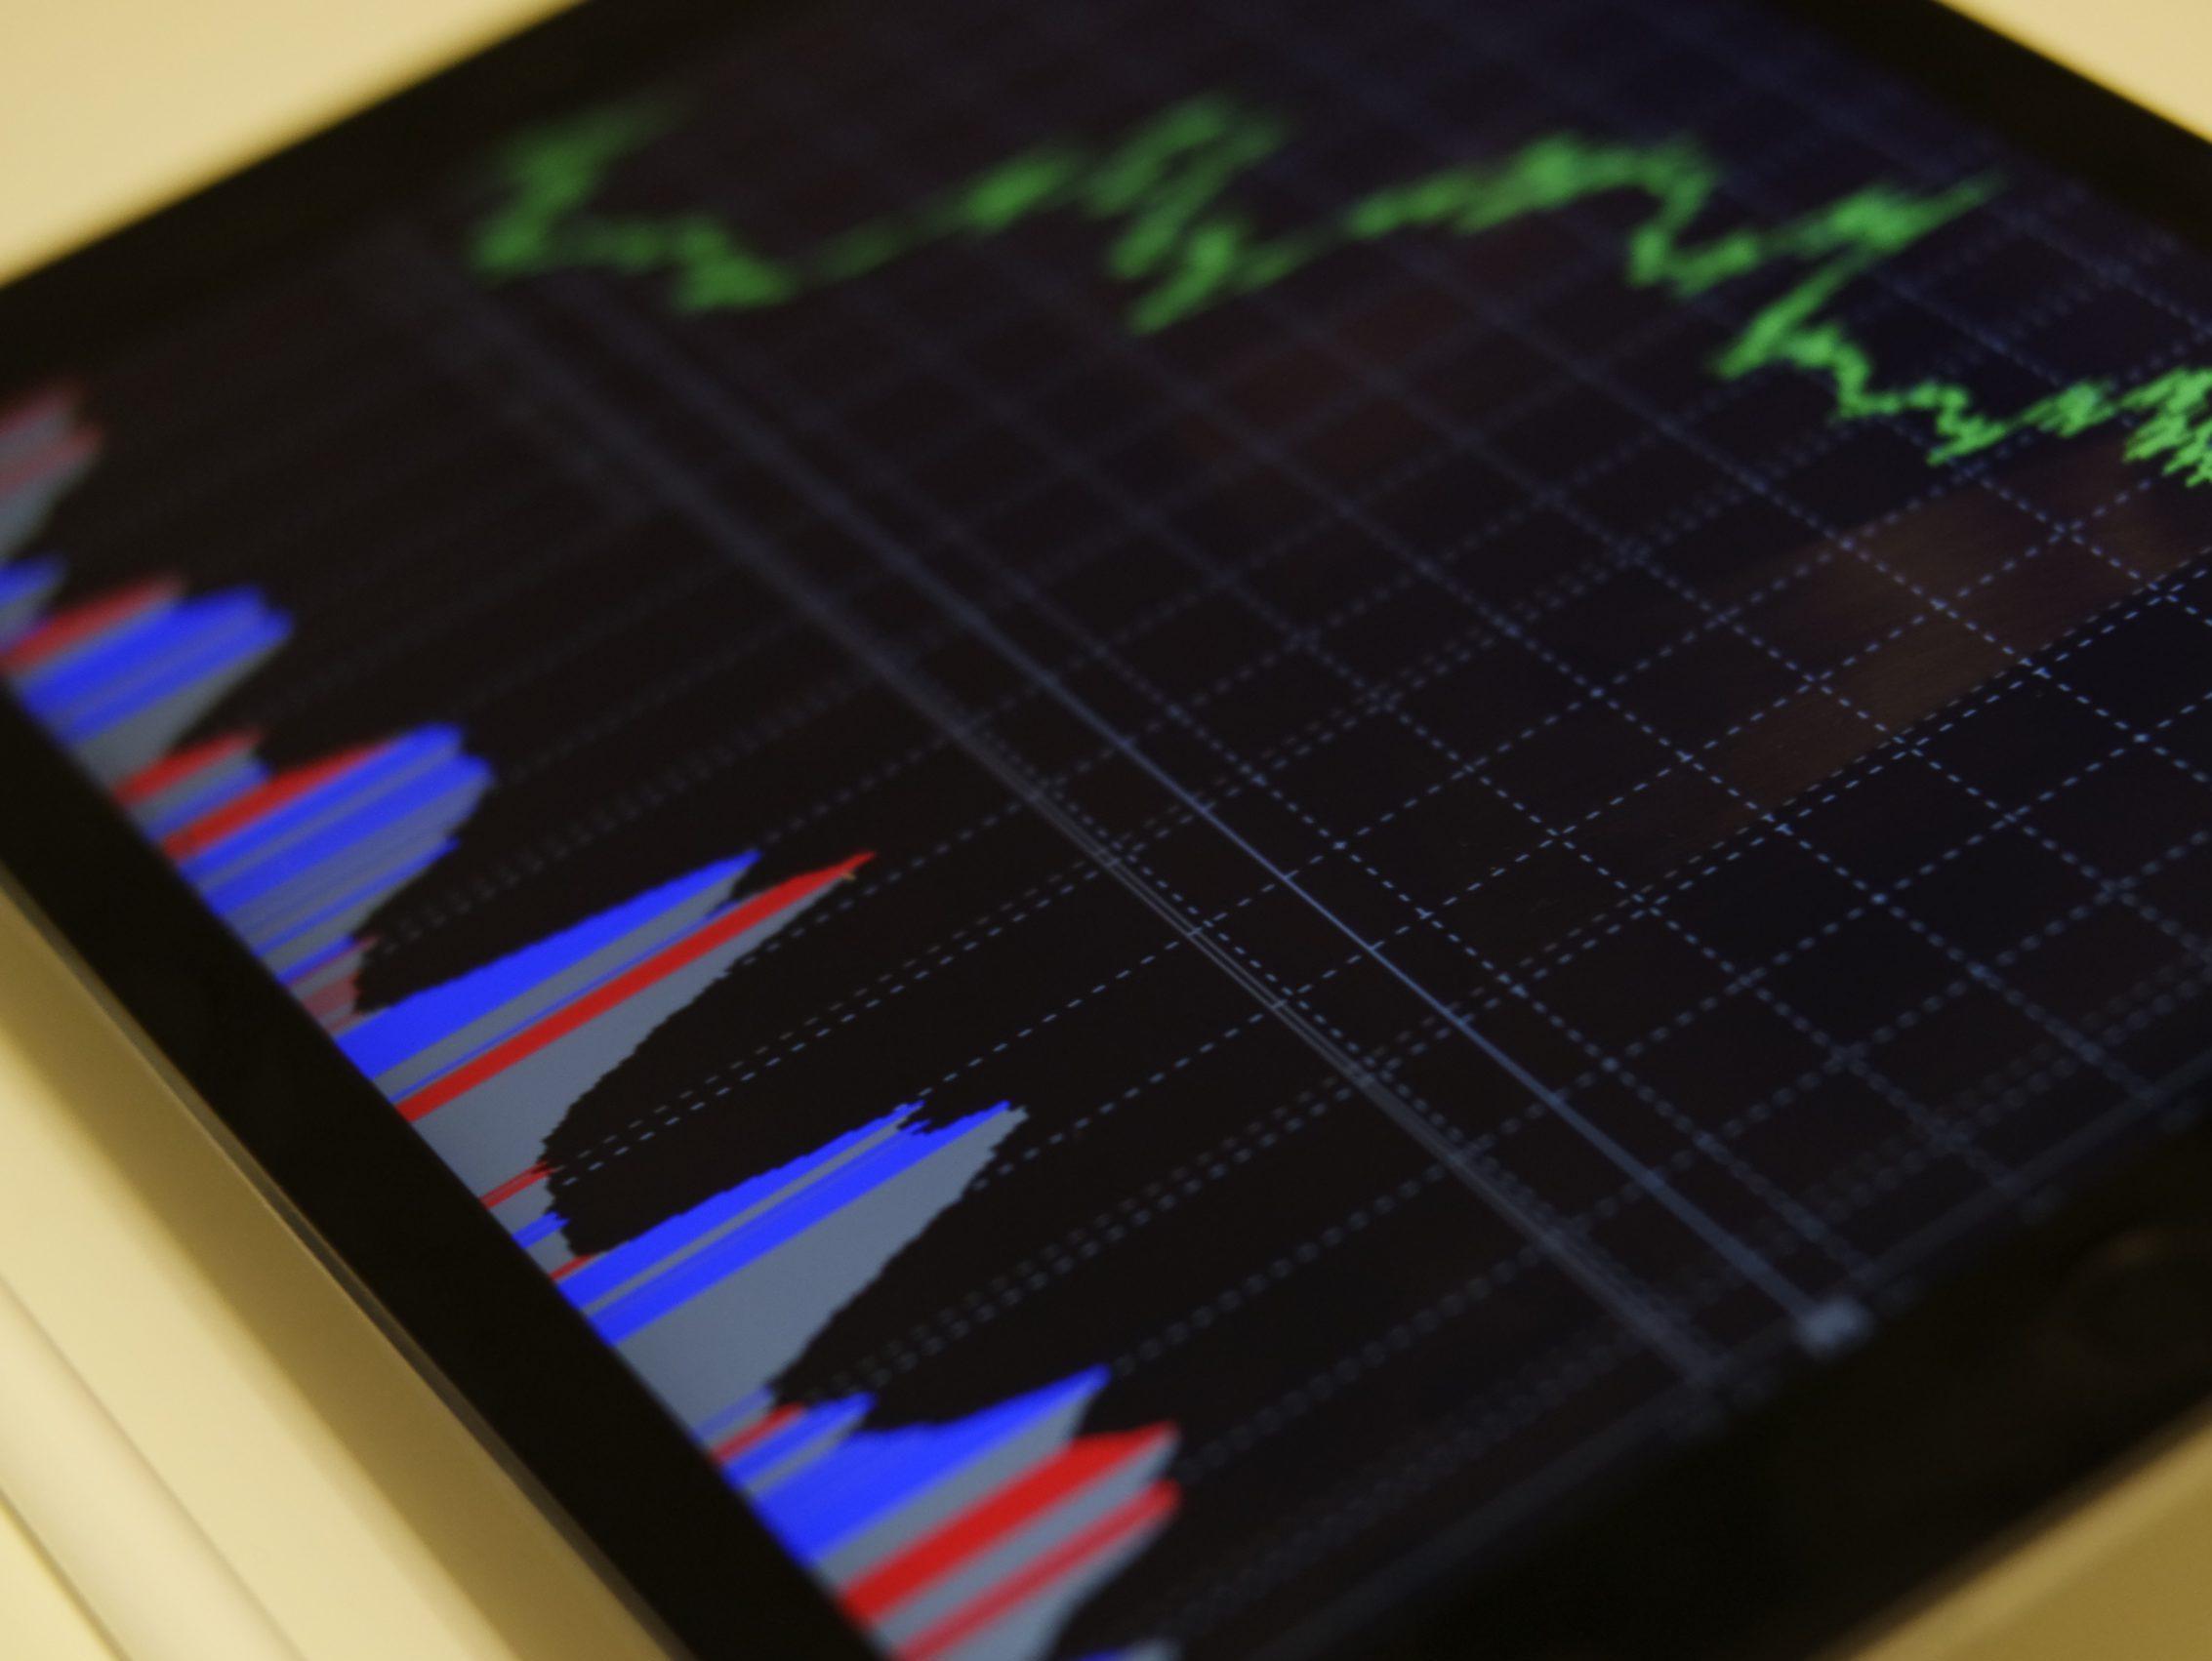 金融科技破浪行 投資熱度升溫